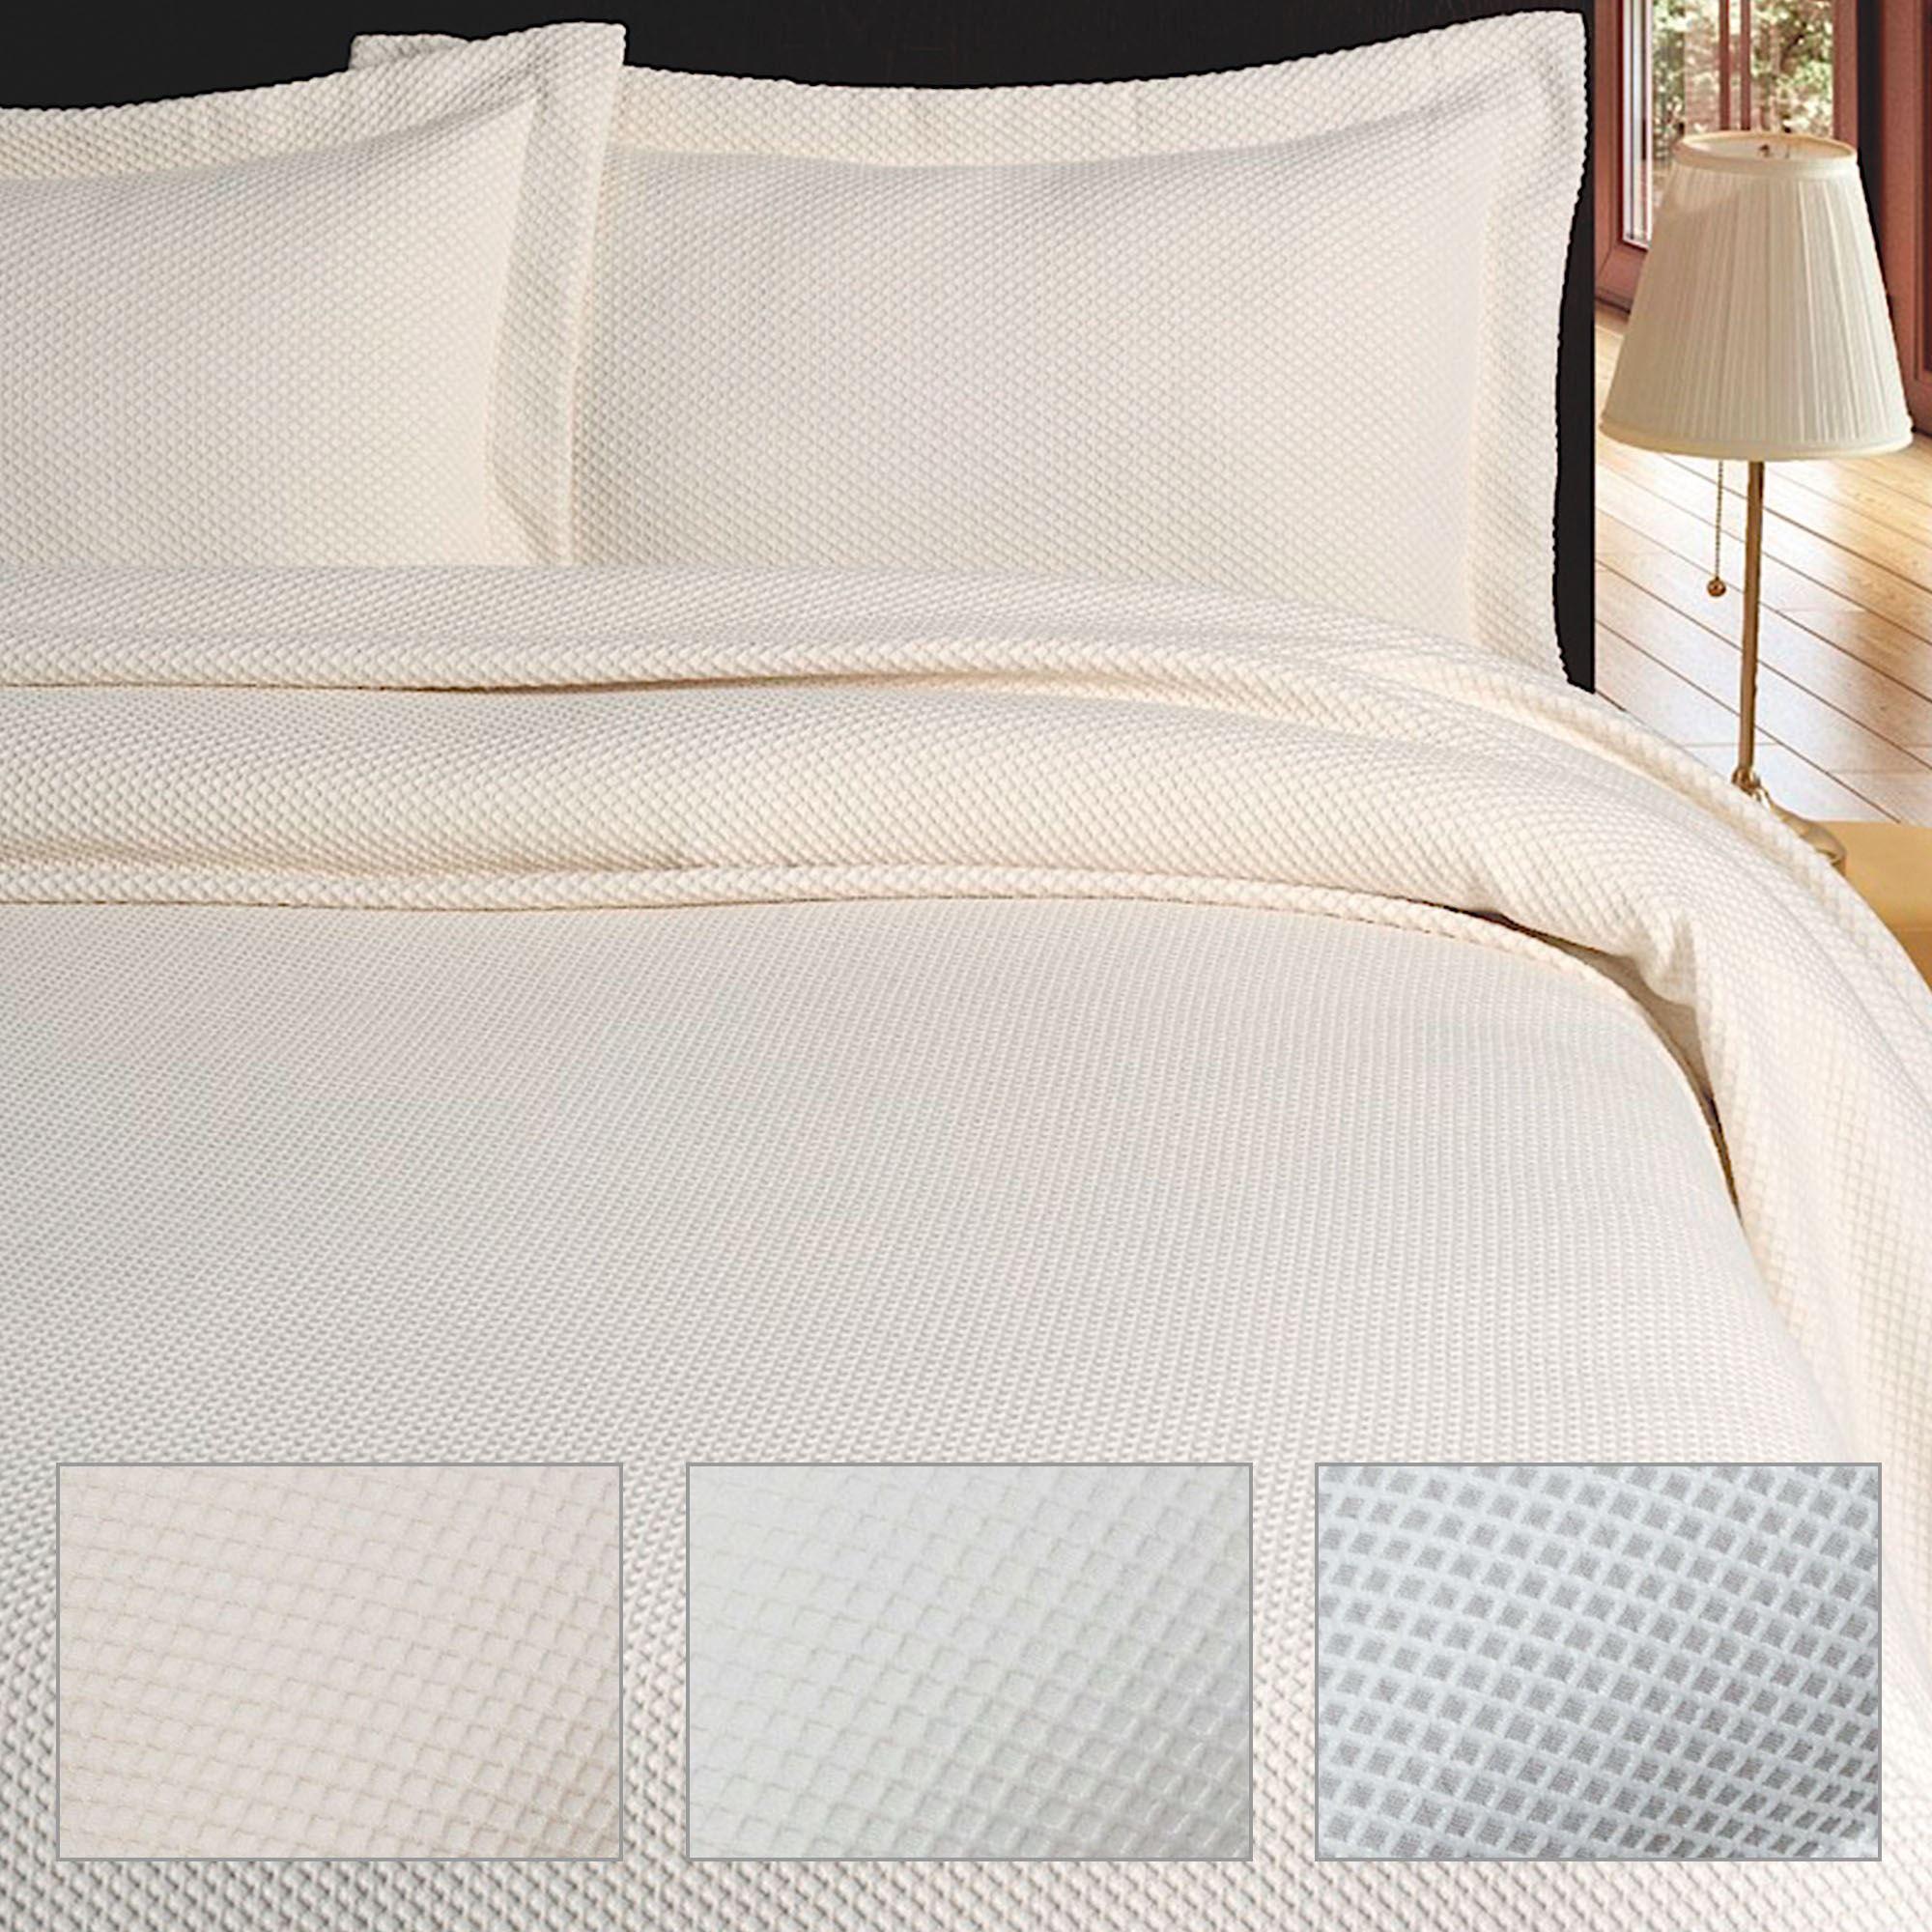 Soft Diamond Woven Matelasse Coverlet Bedding By Belle Epoque